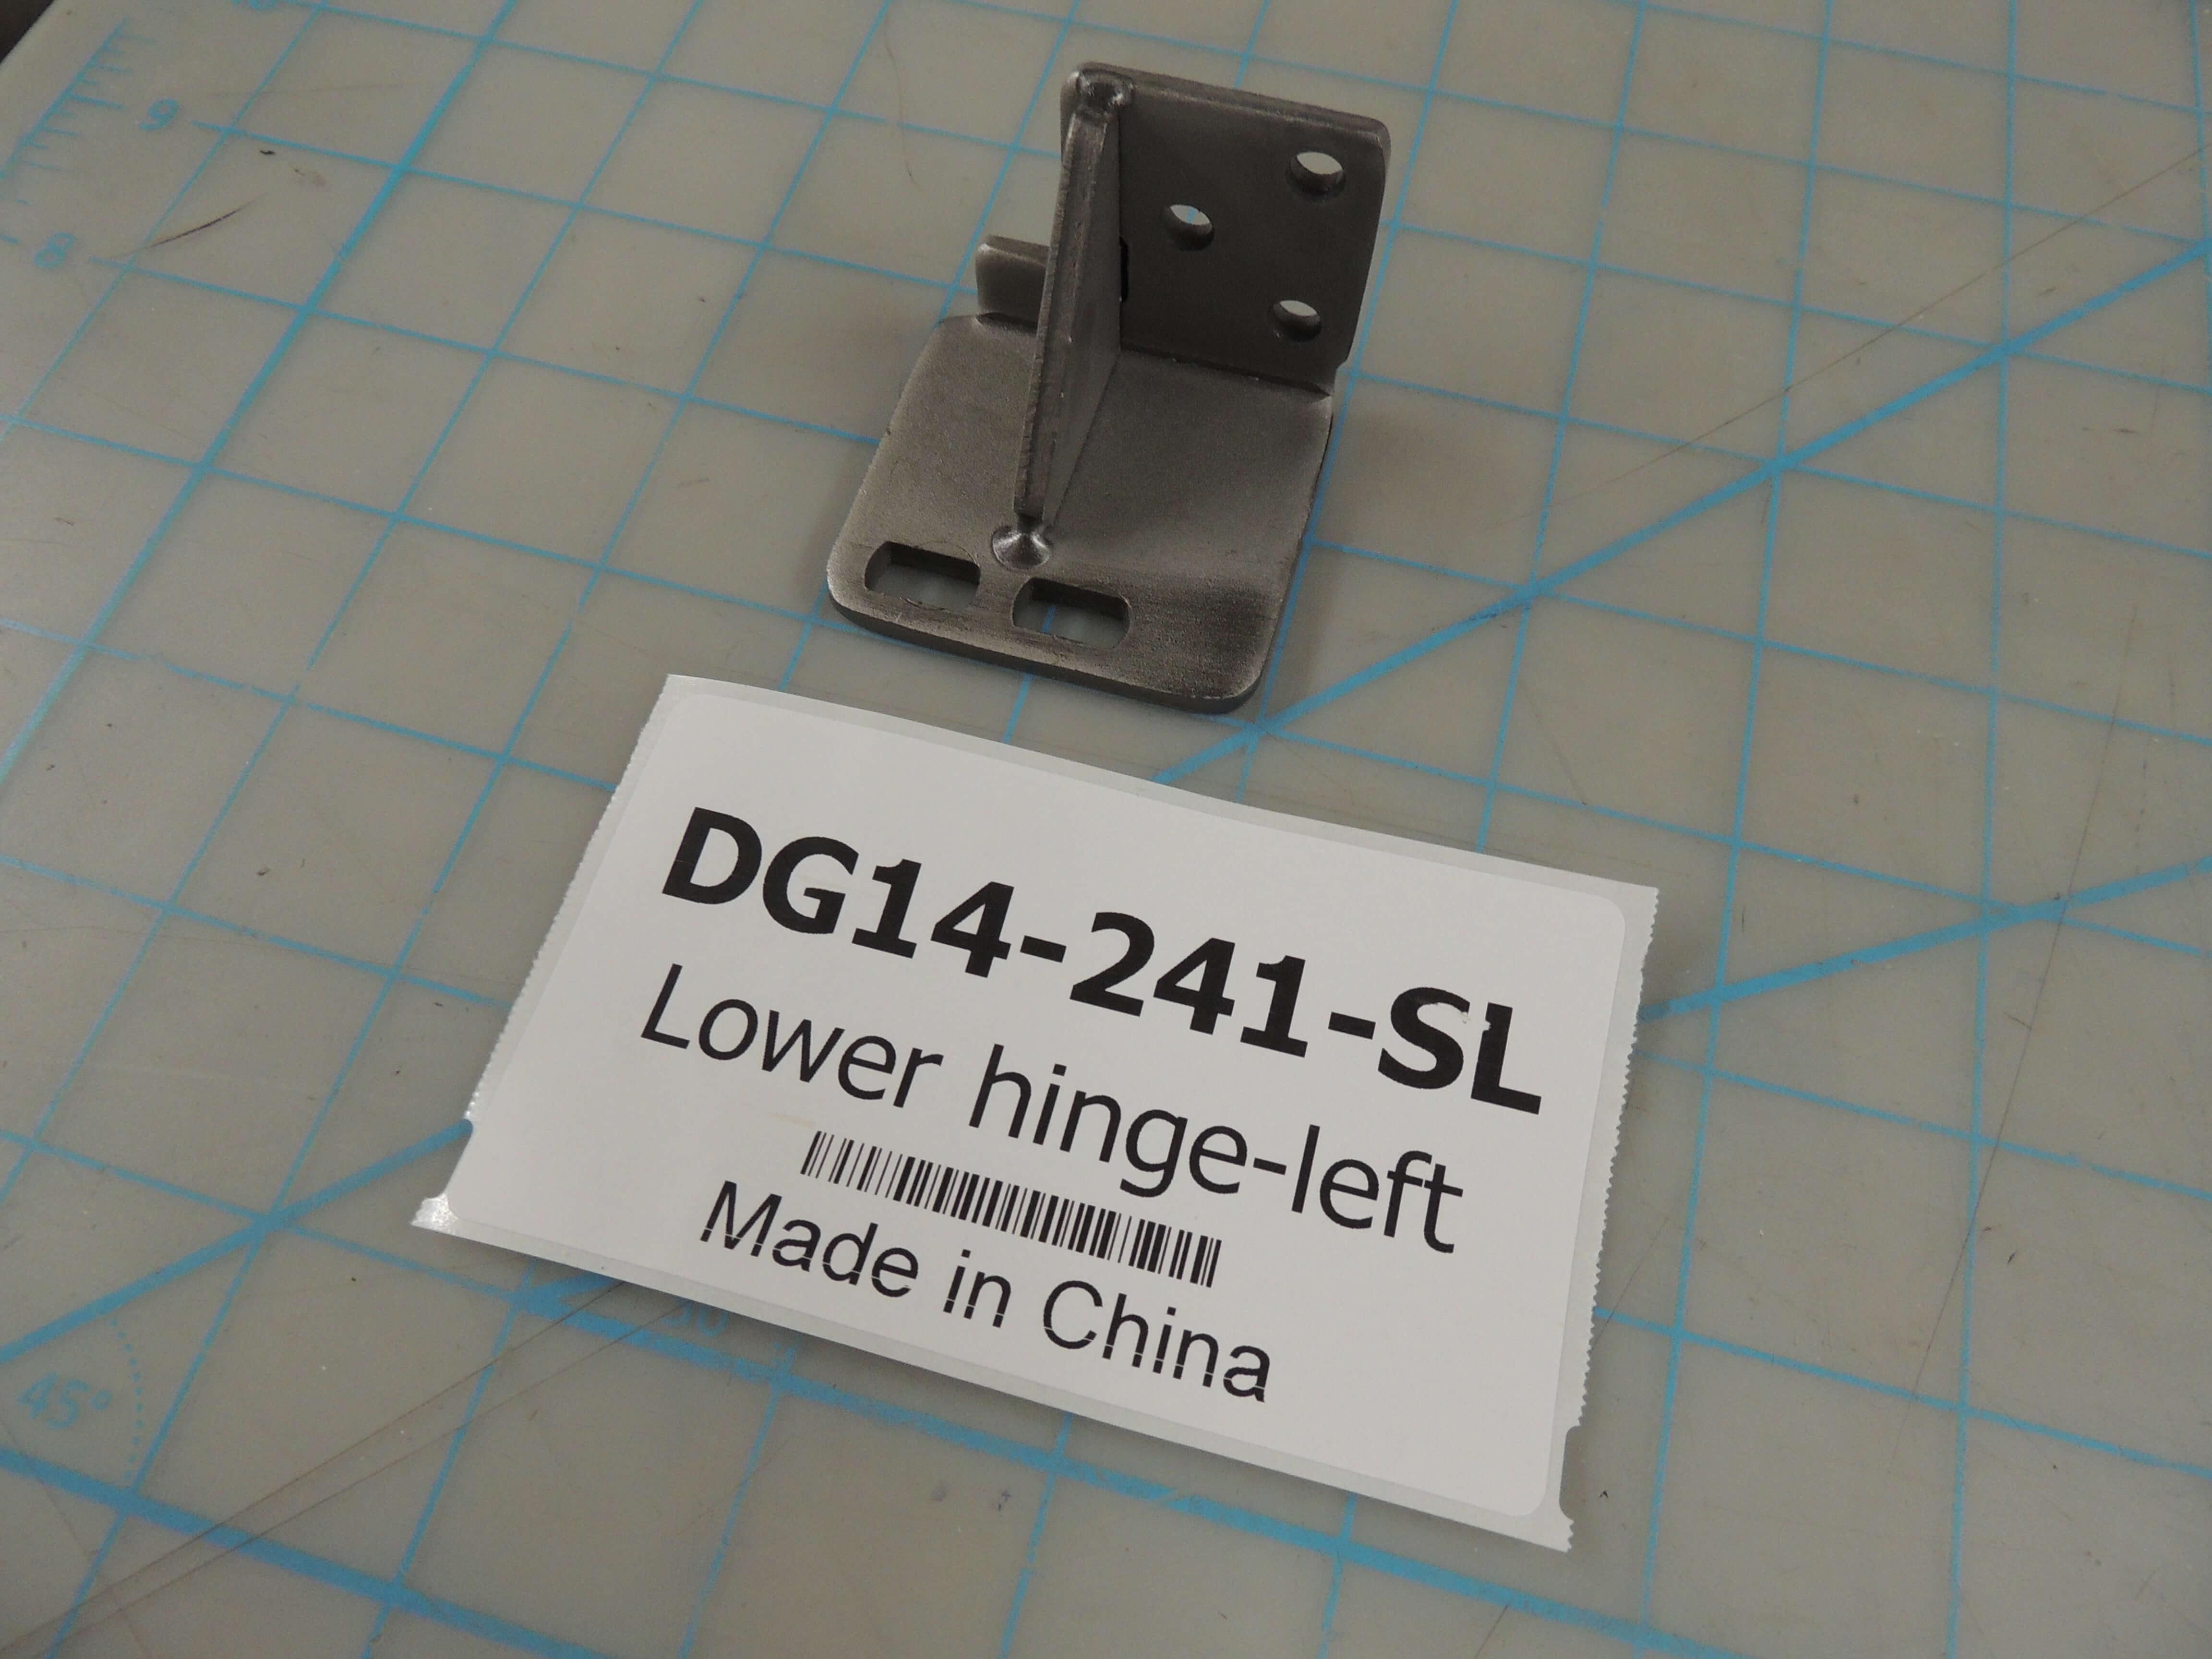 Lower hinge-left